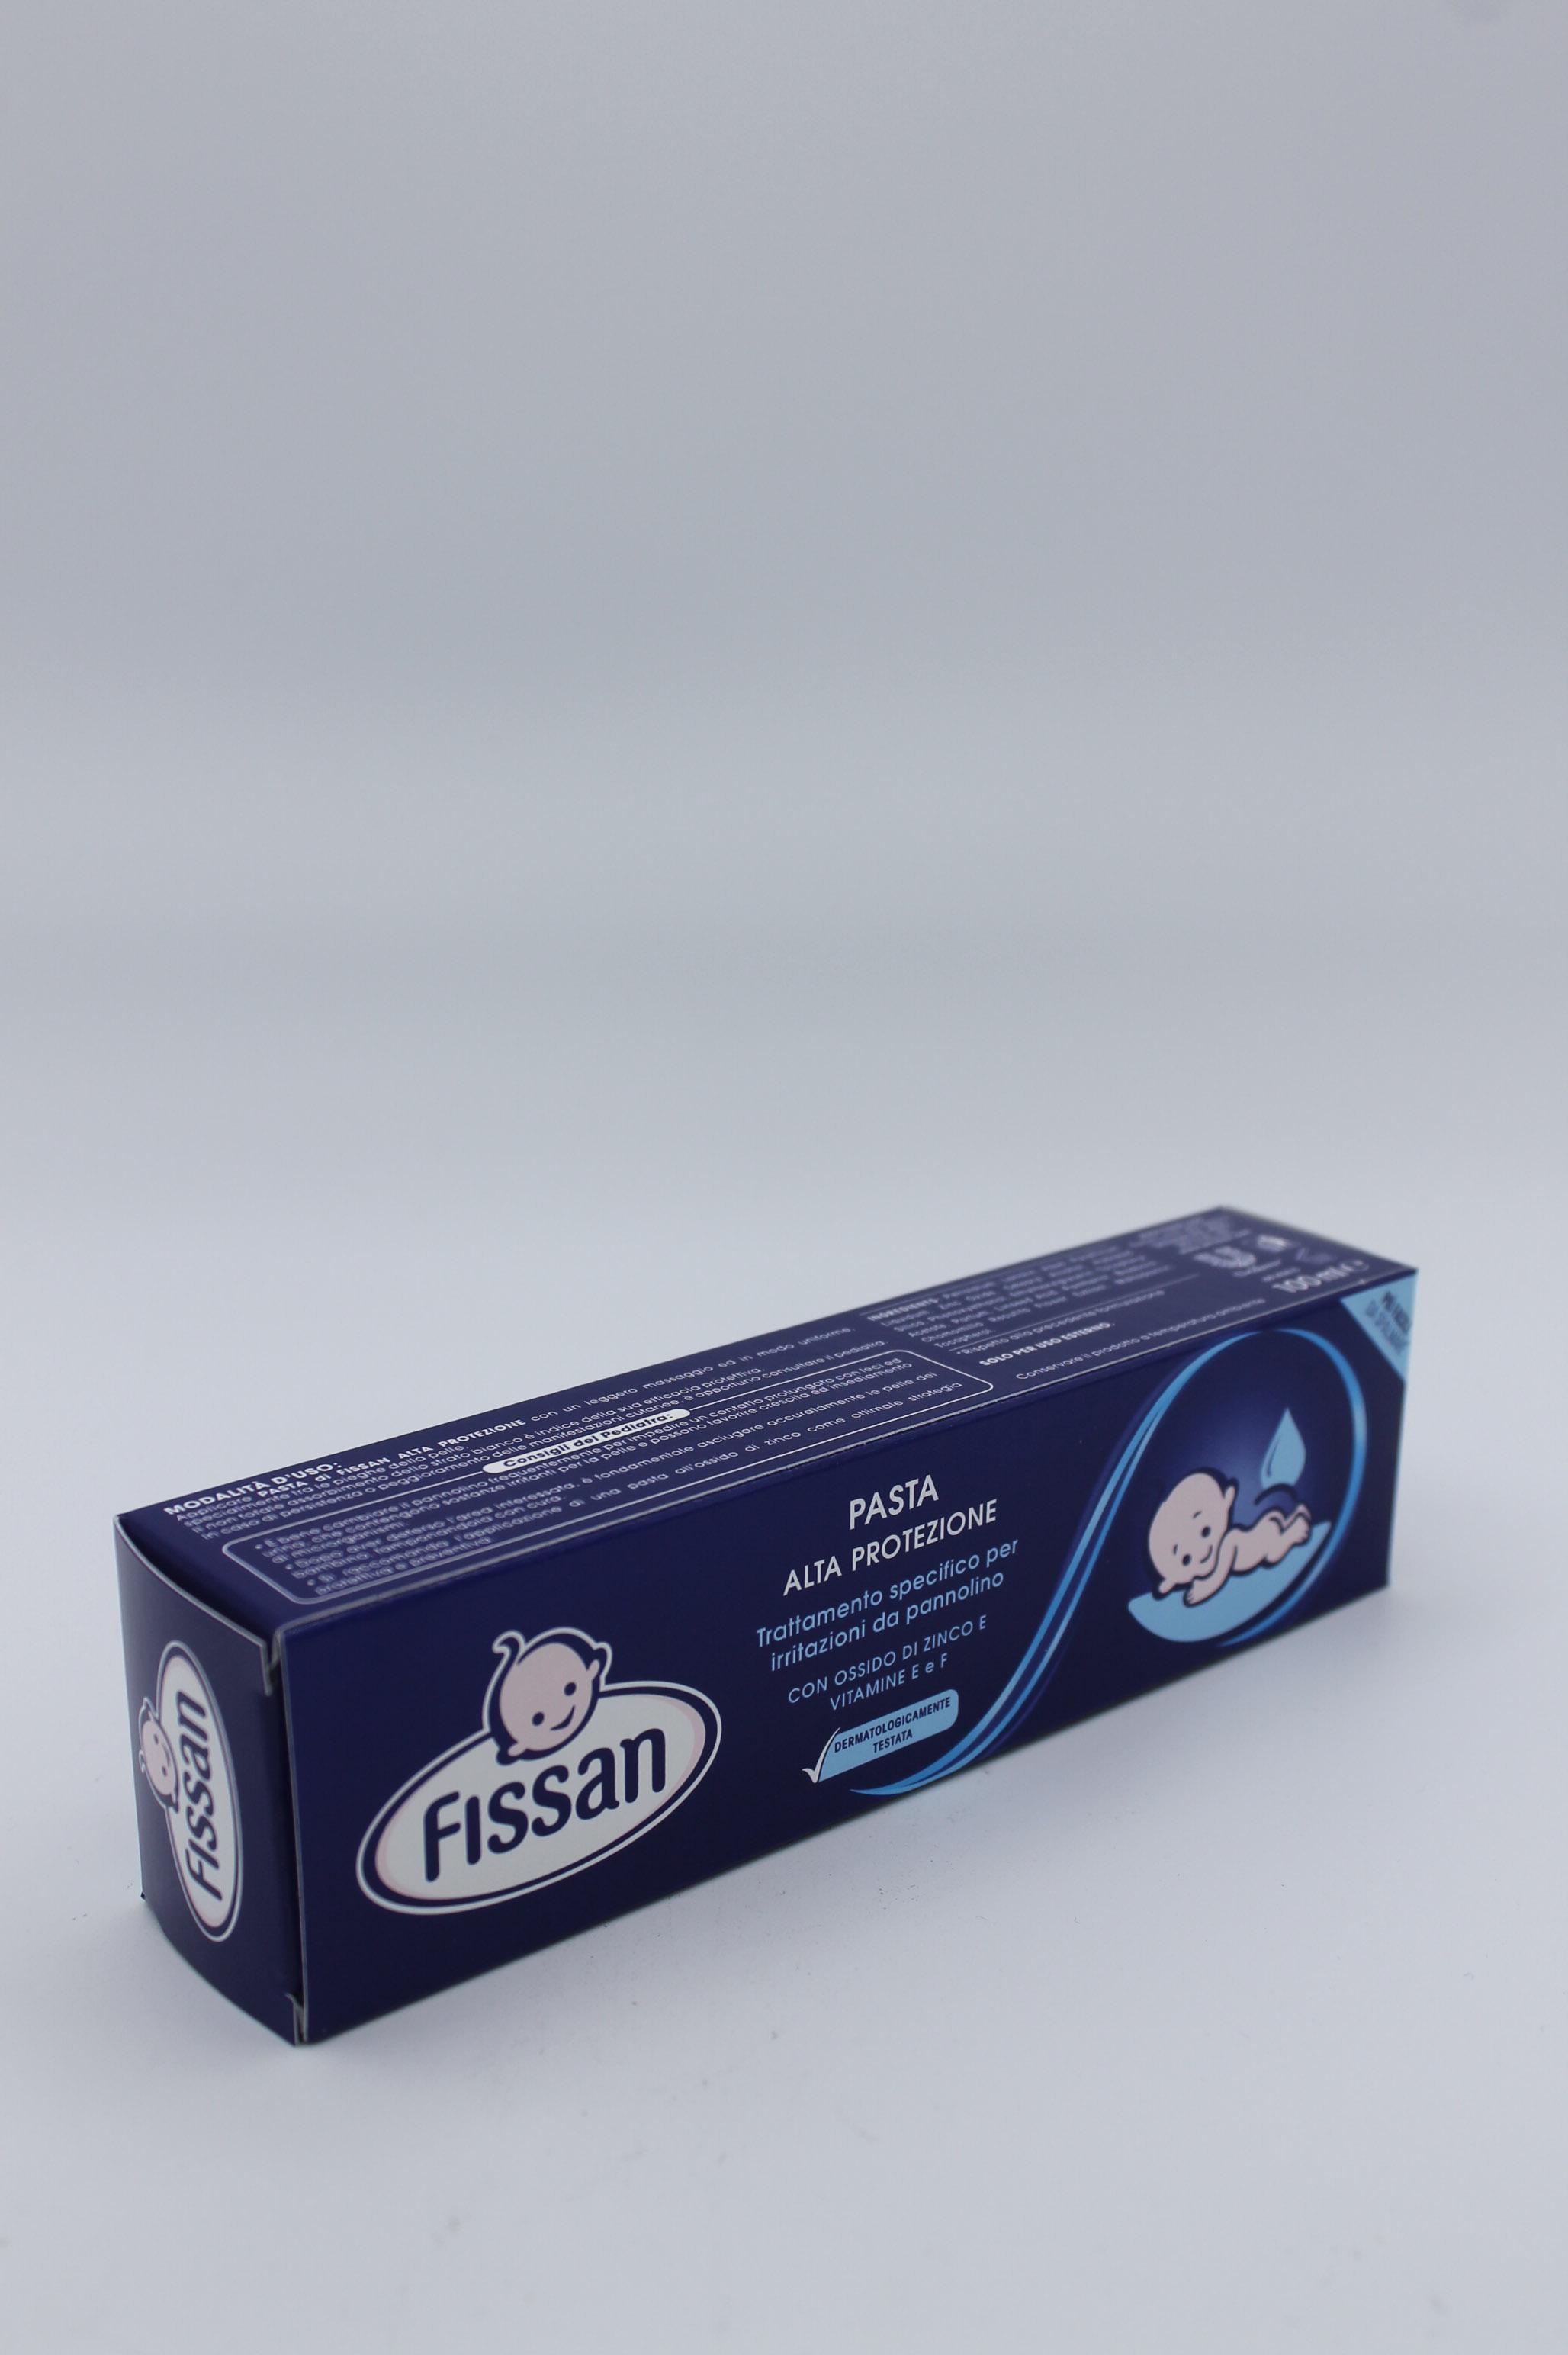 Fissan pasta alta protezione 100gr.